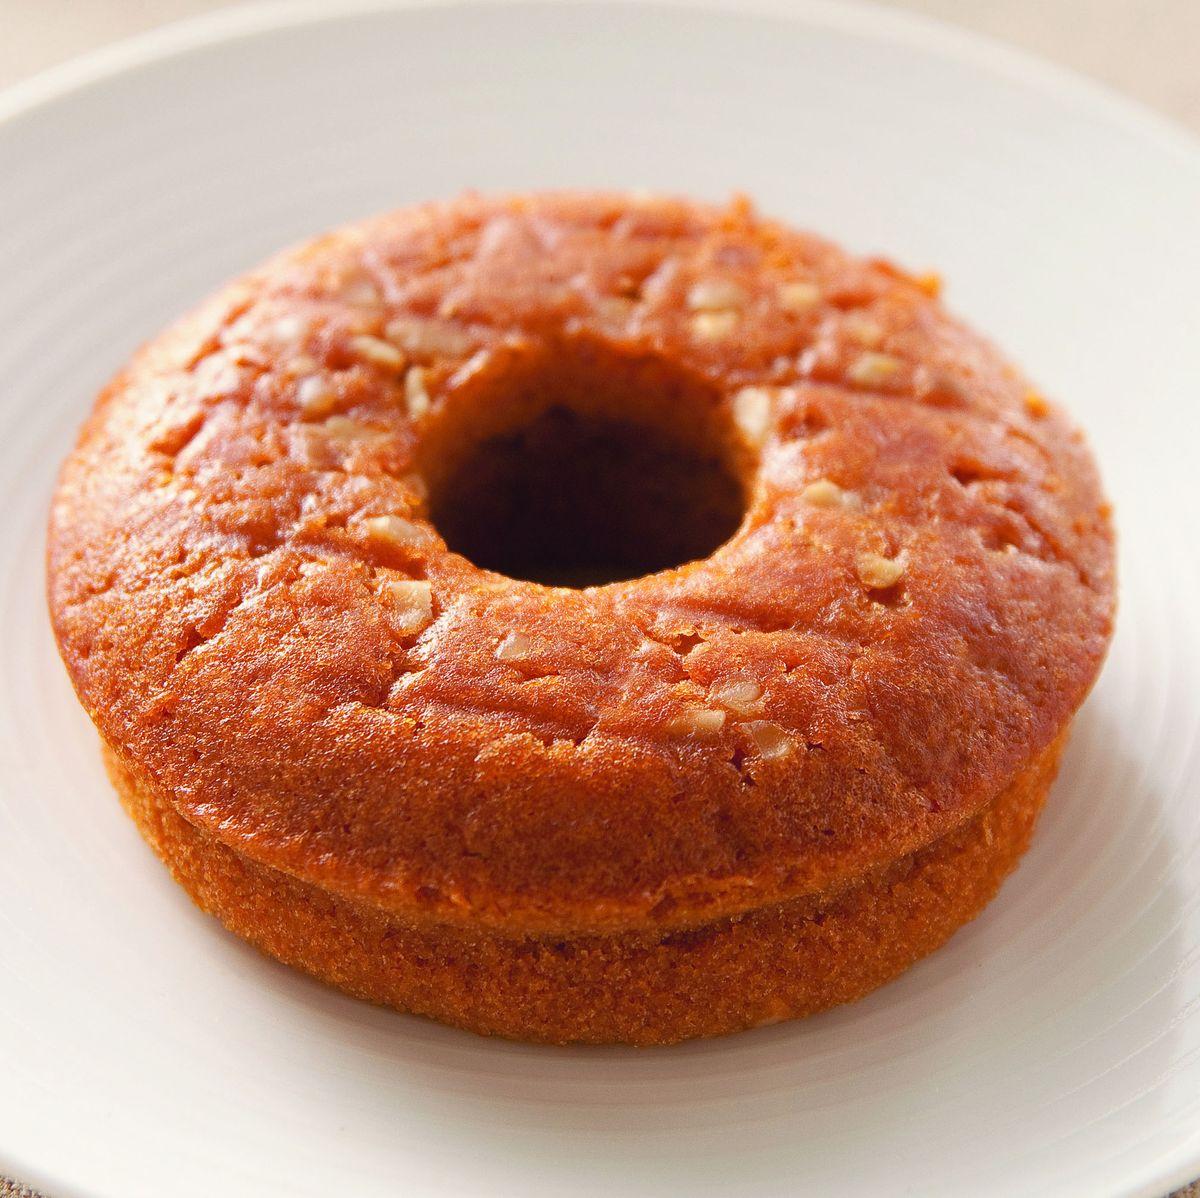 食譜:牛奶焦糖甜甜圈